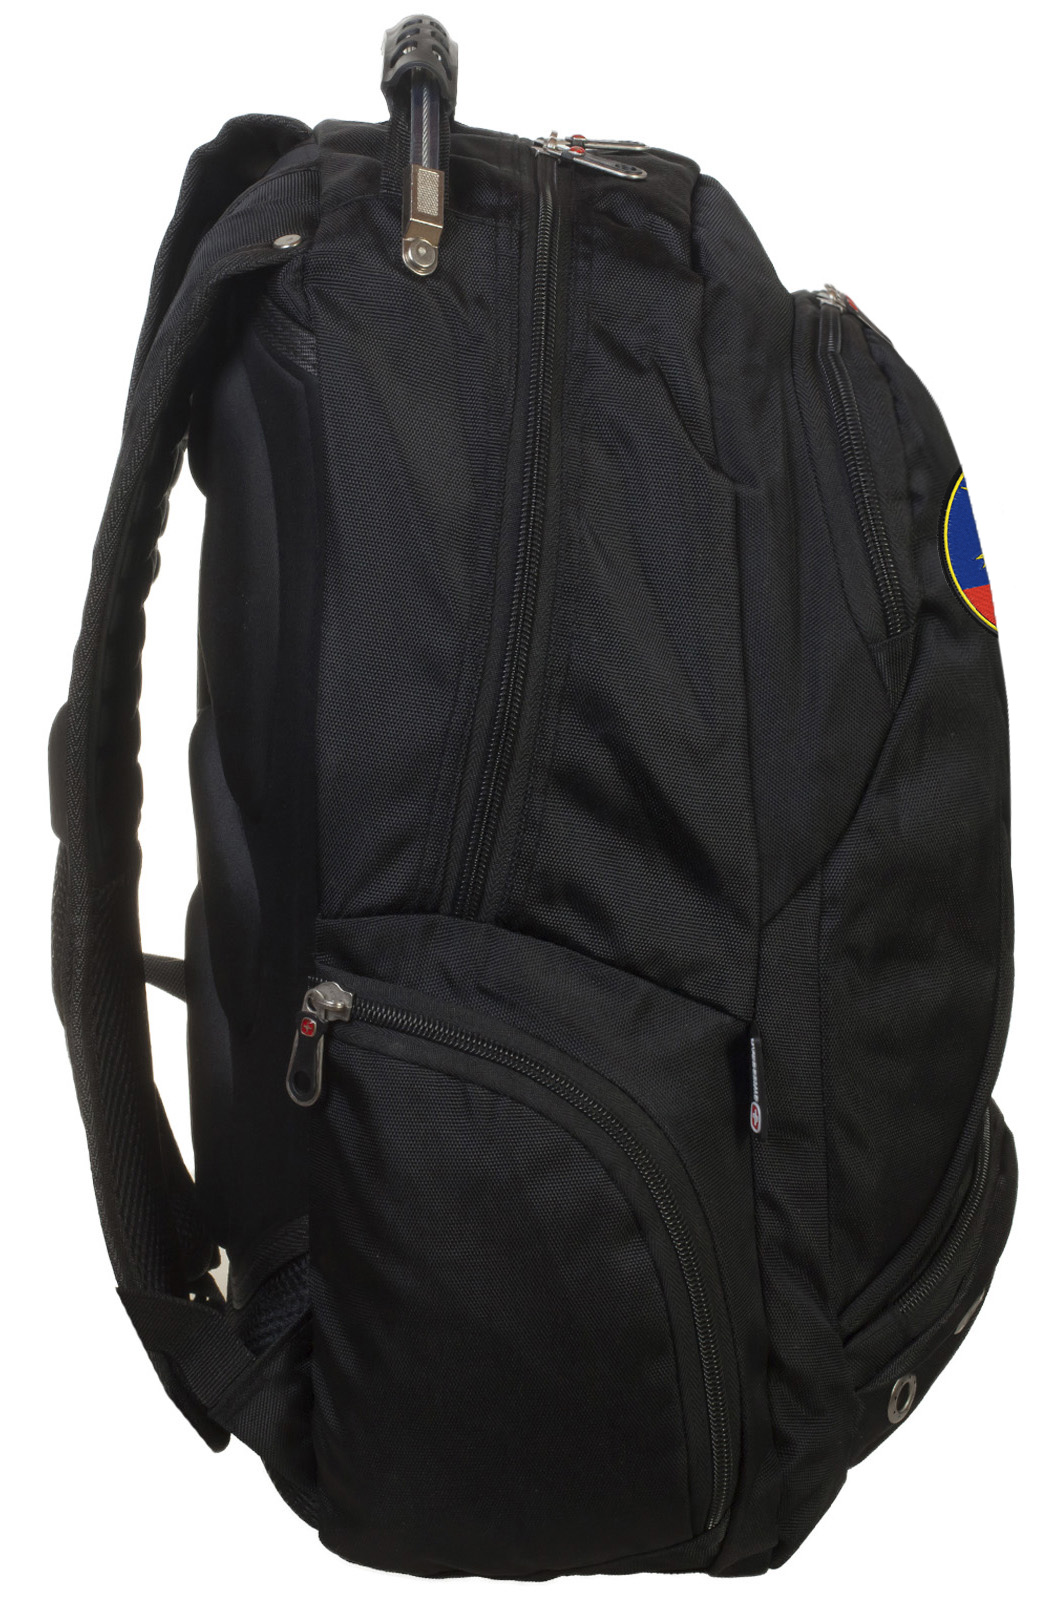 Крутой черный рюкзак с эмблемой РВСН купить в подарок